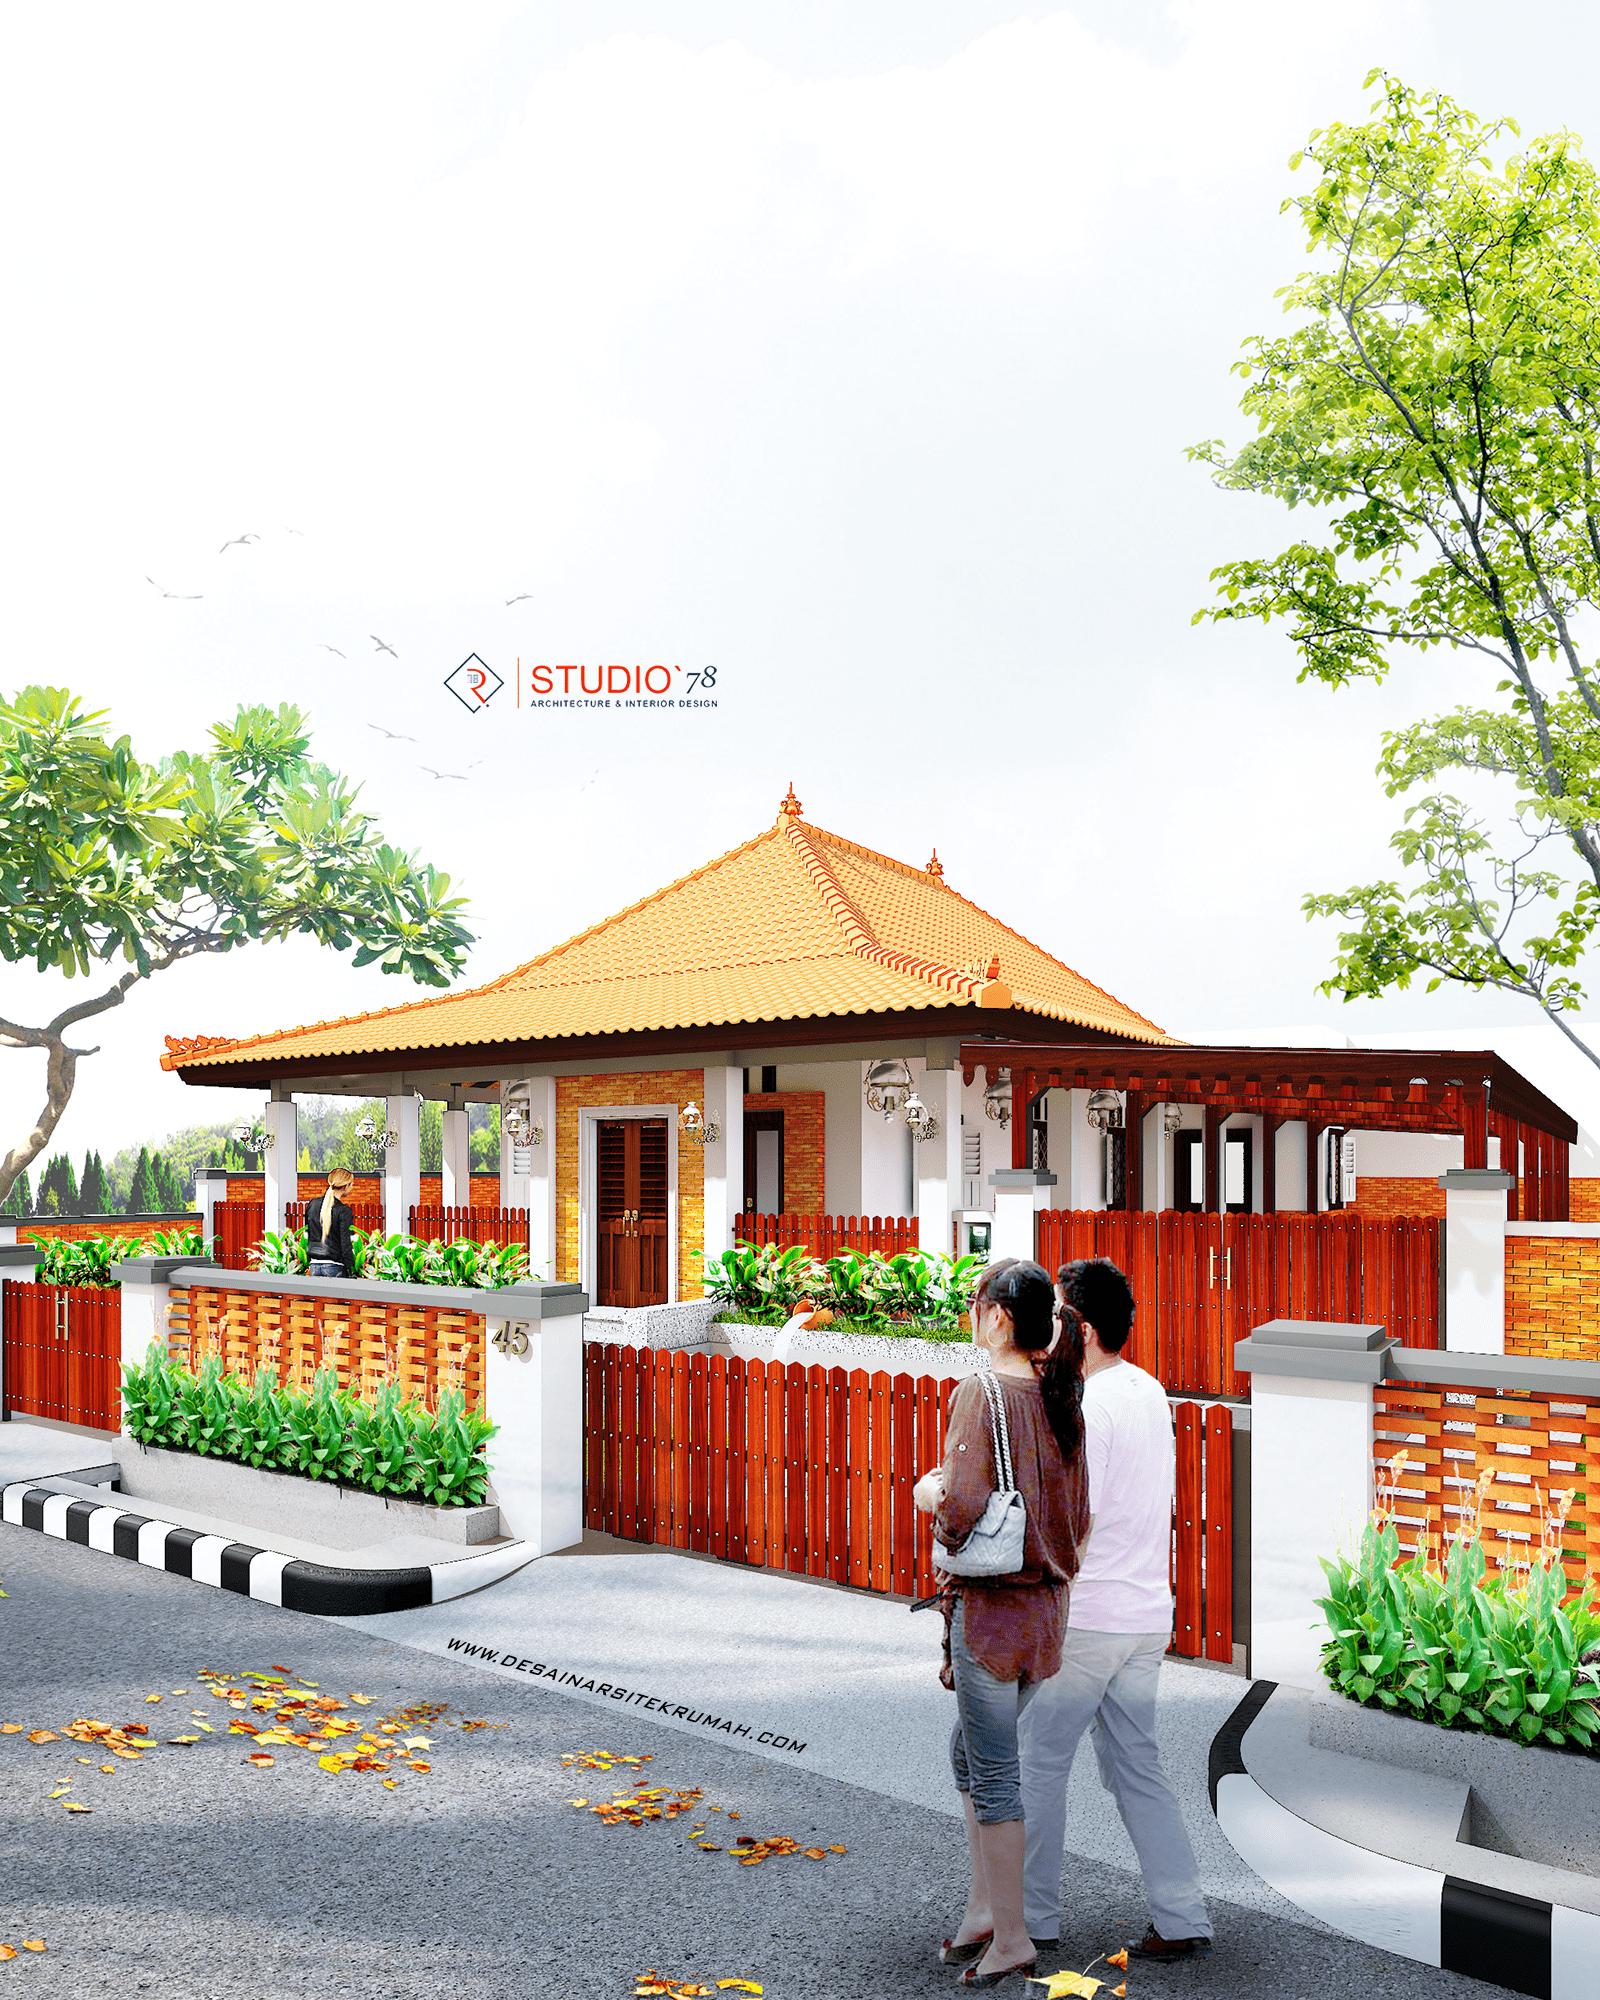 3d-prespektive tampak depan desain arsitektur rumah etnik kontemporer di kepanjen malang jawa timur